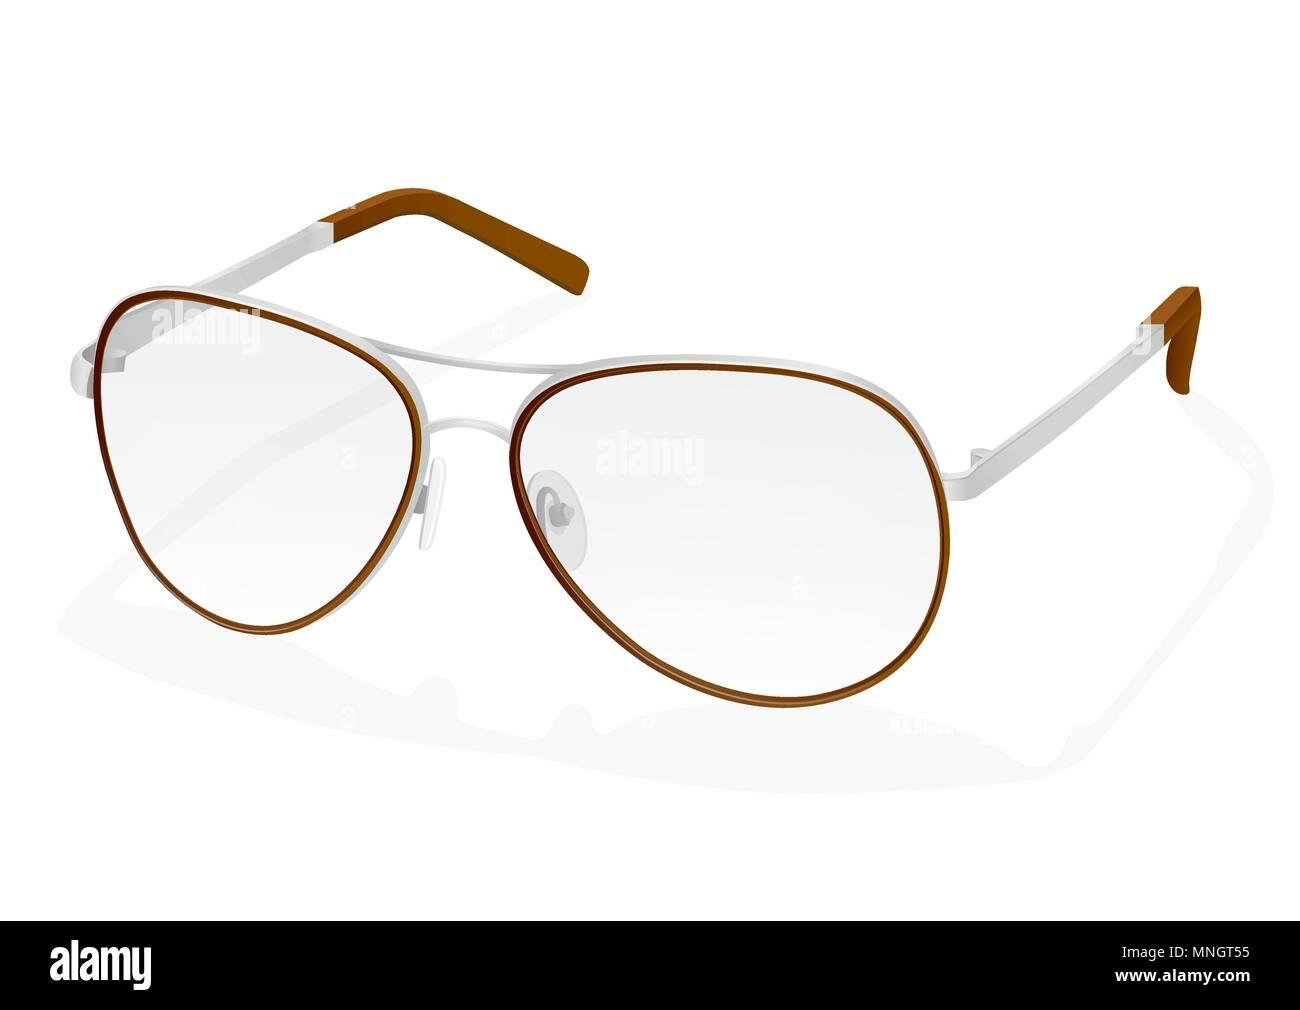 ce03f4f21cf081 Vector illustration réaliste de lunettes. La mode élégante avec lunettes  lentilles transparentes et de fer, verres rim argent accessoire mode  élégante, ...